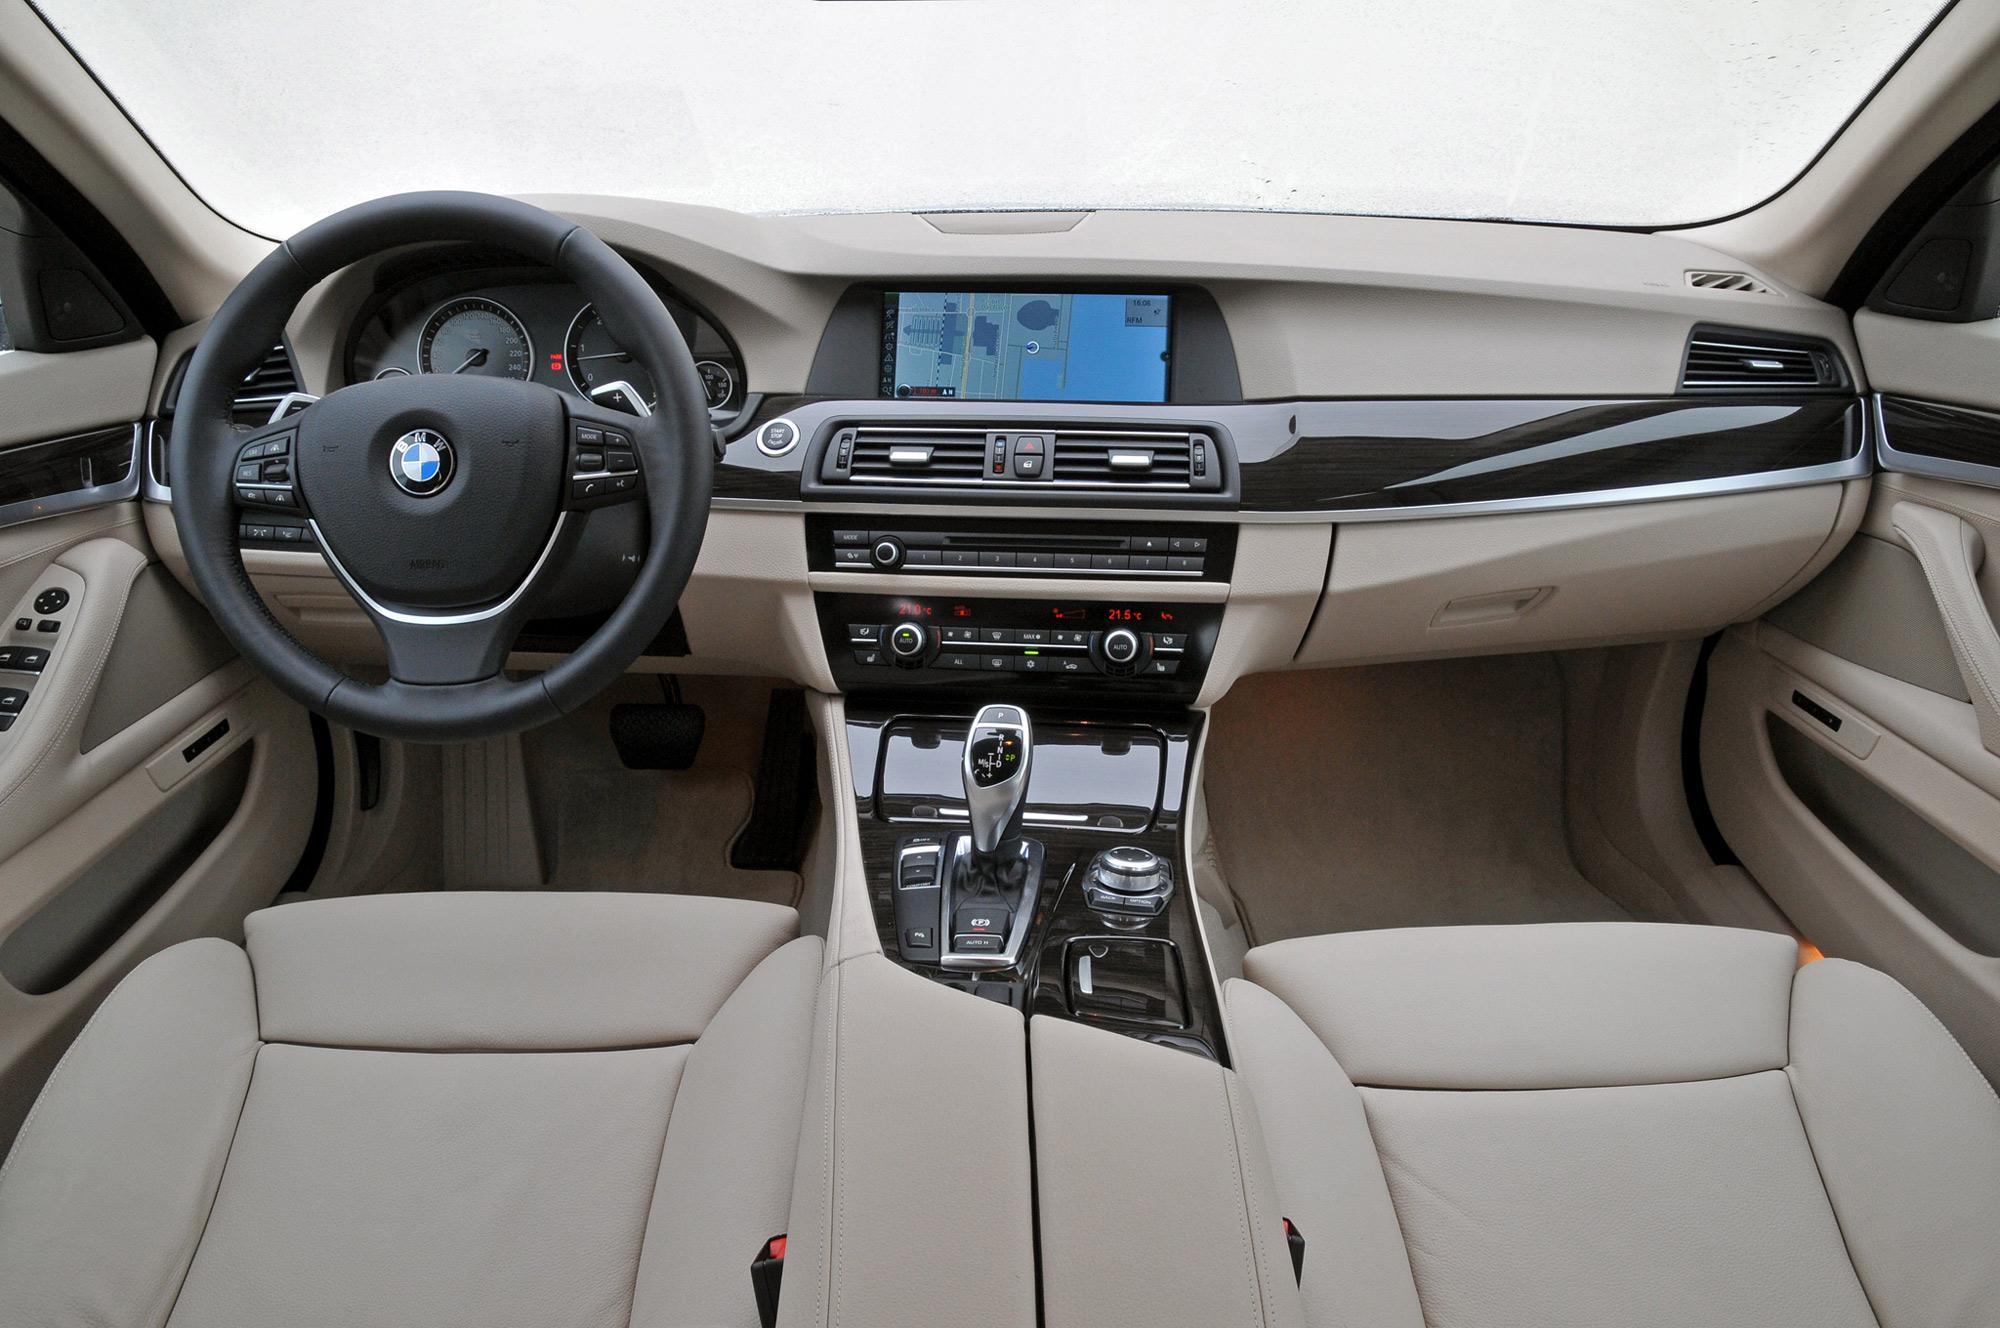 BMW 550i interior